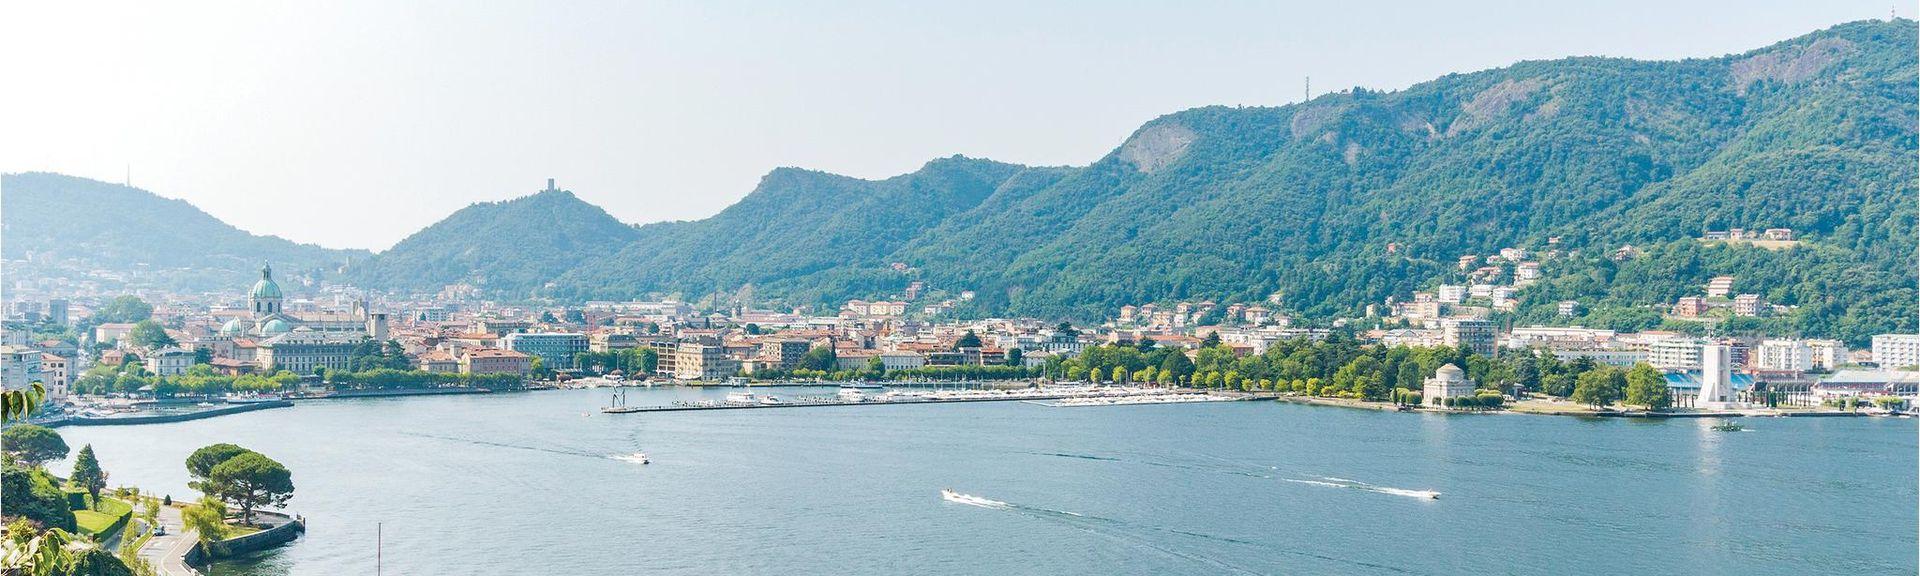 Γκαλαράτε, Λομβαρδία, Ιταλία